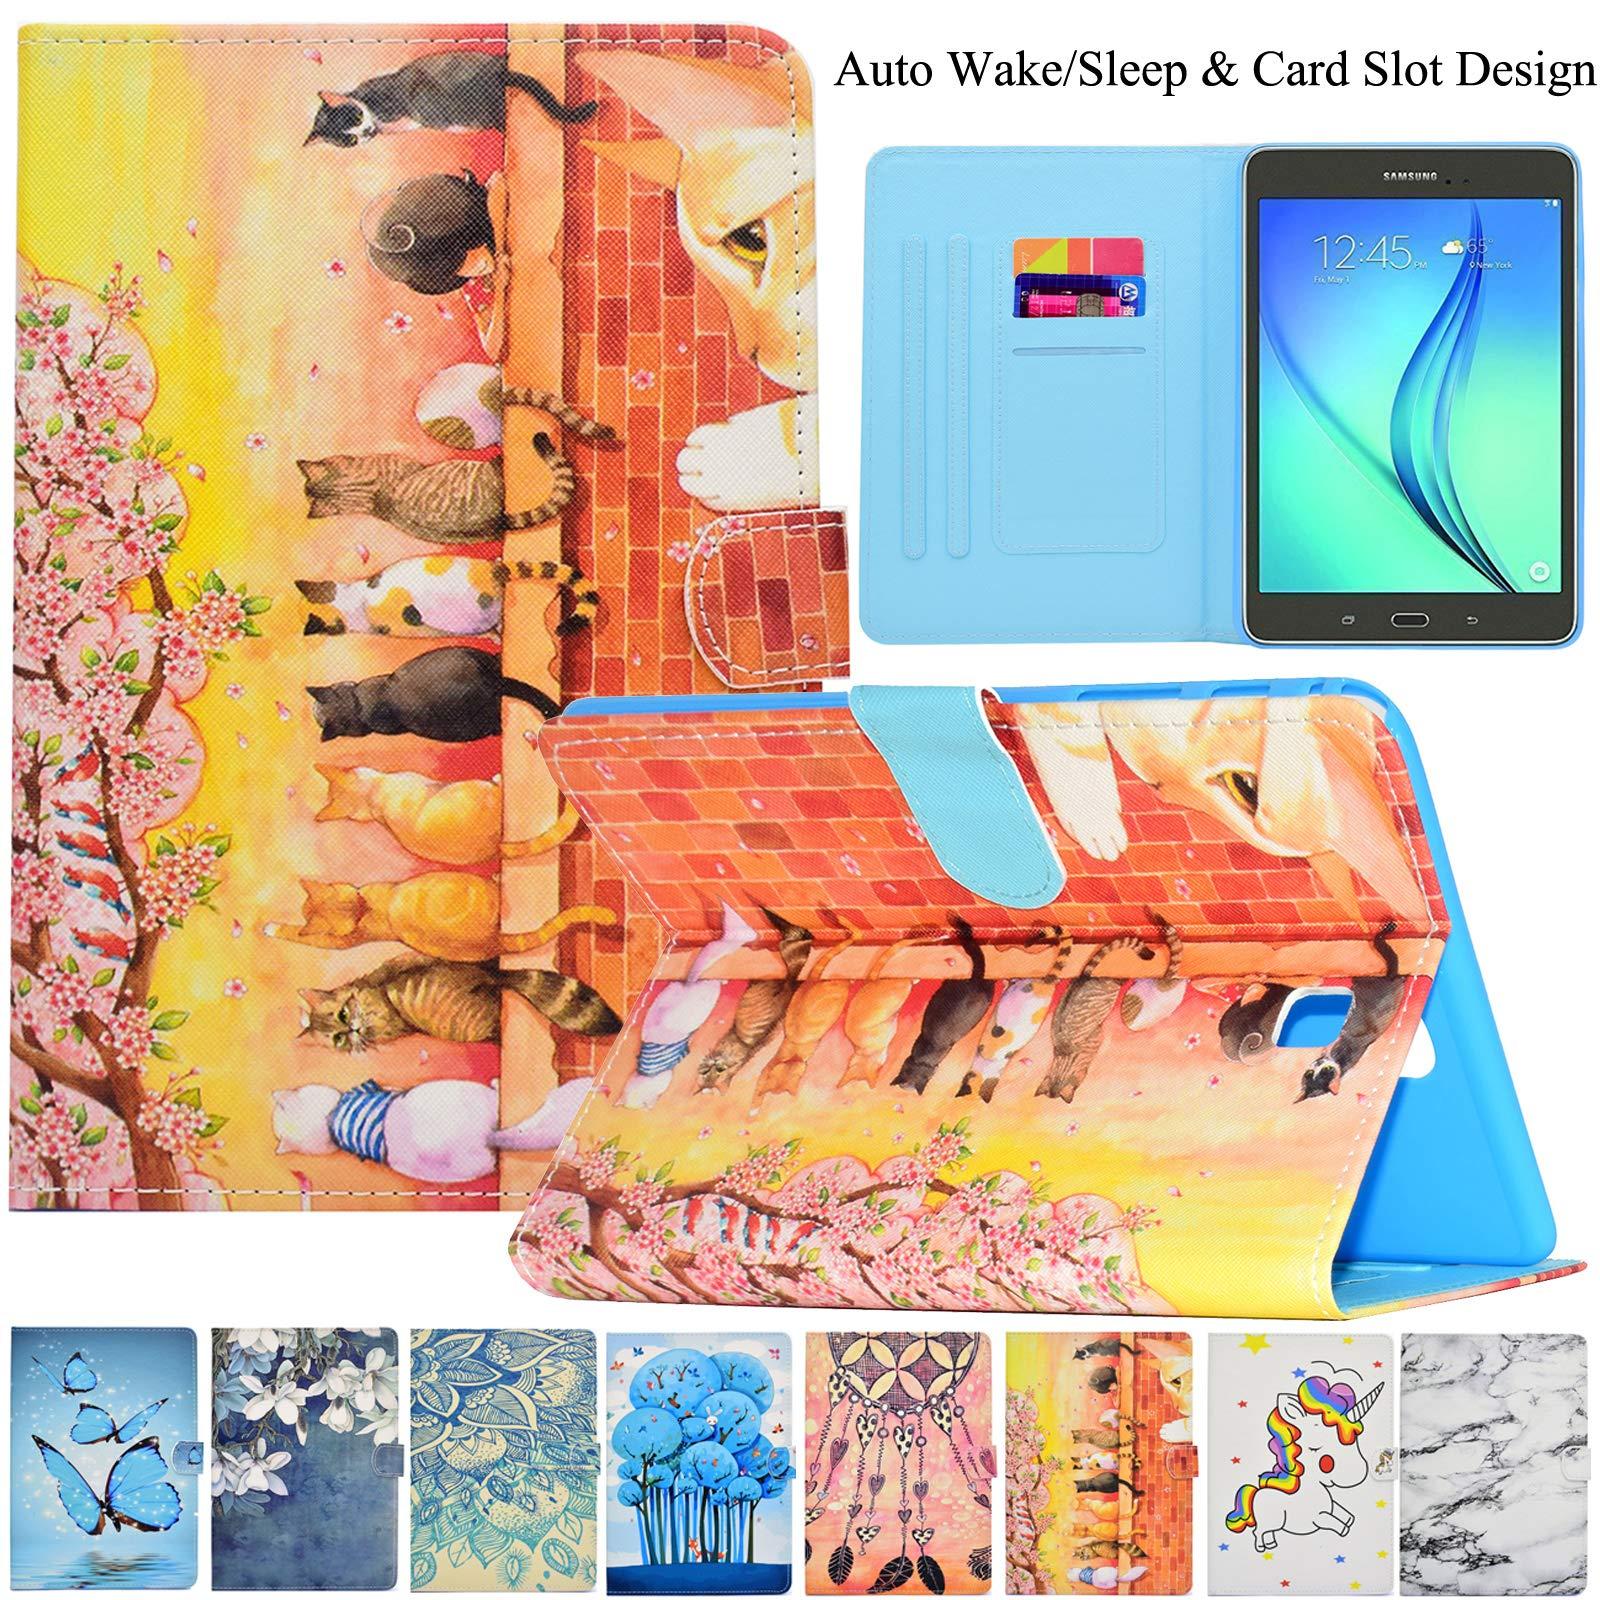 Funda Samsung Galaxy Tab A 8.0 (2015) ARTYOND [7GJGDLVZ]